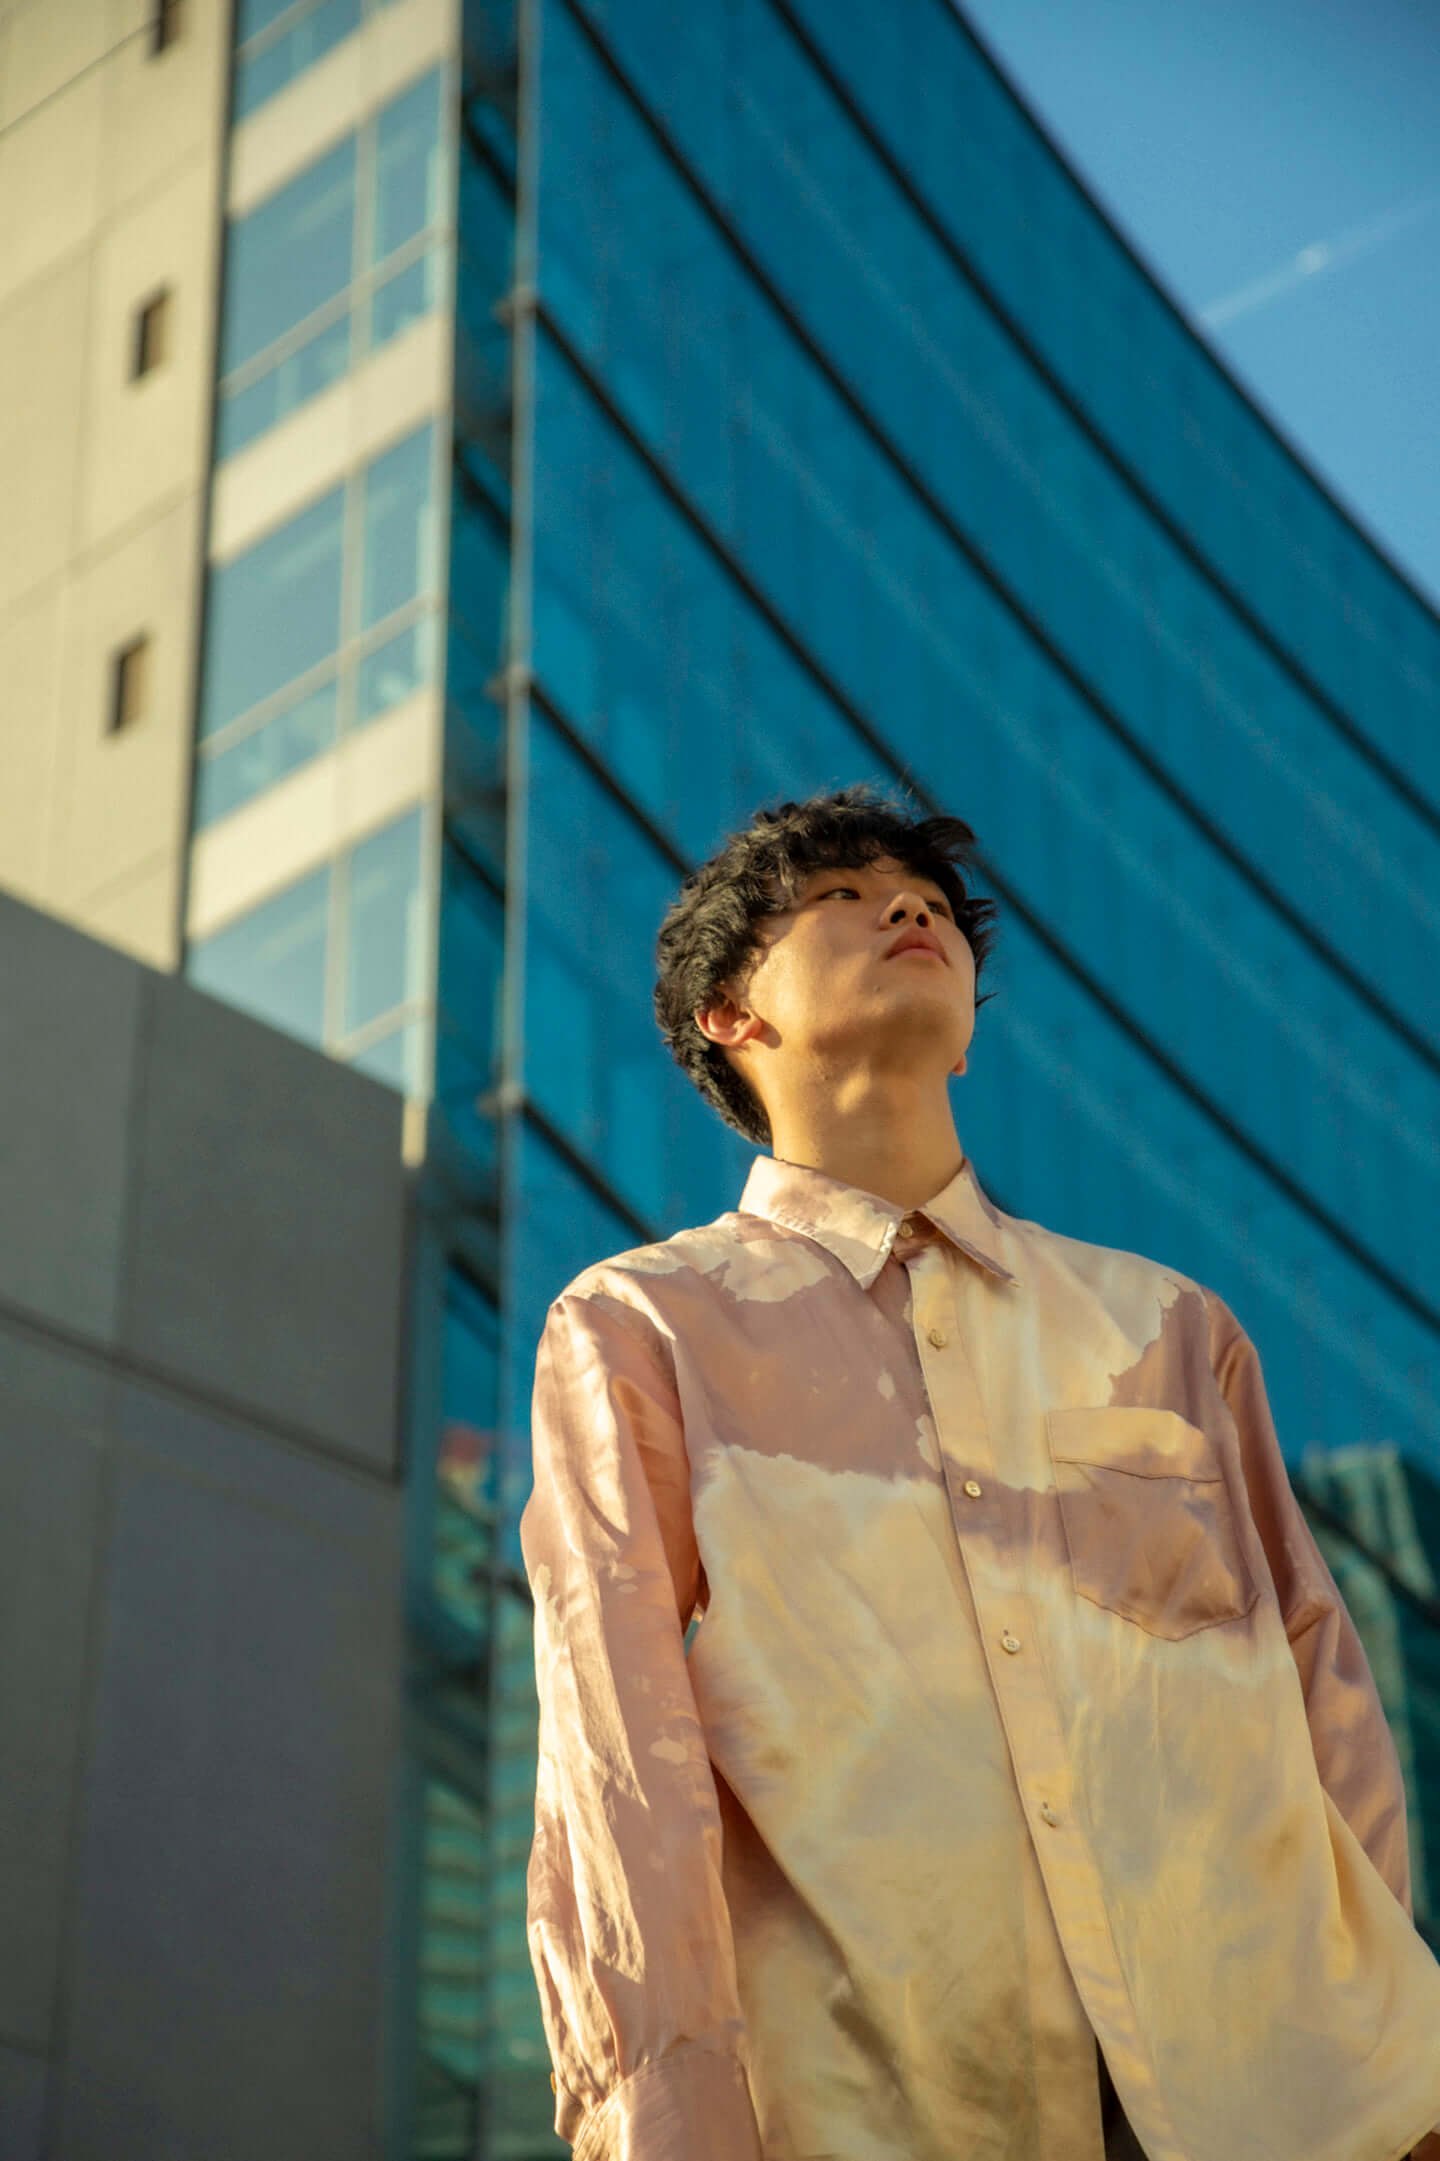 「思ってもないことを書くのは本末転倒」クボタカイ1stアルバム『来光』に表れるラッパーとしてのスタイル interview210407_kubotakai-08-1440x2161